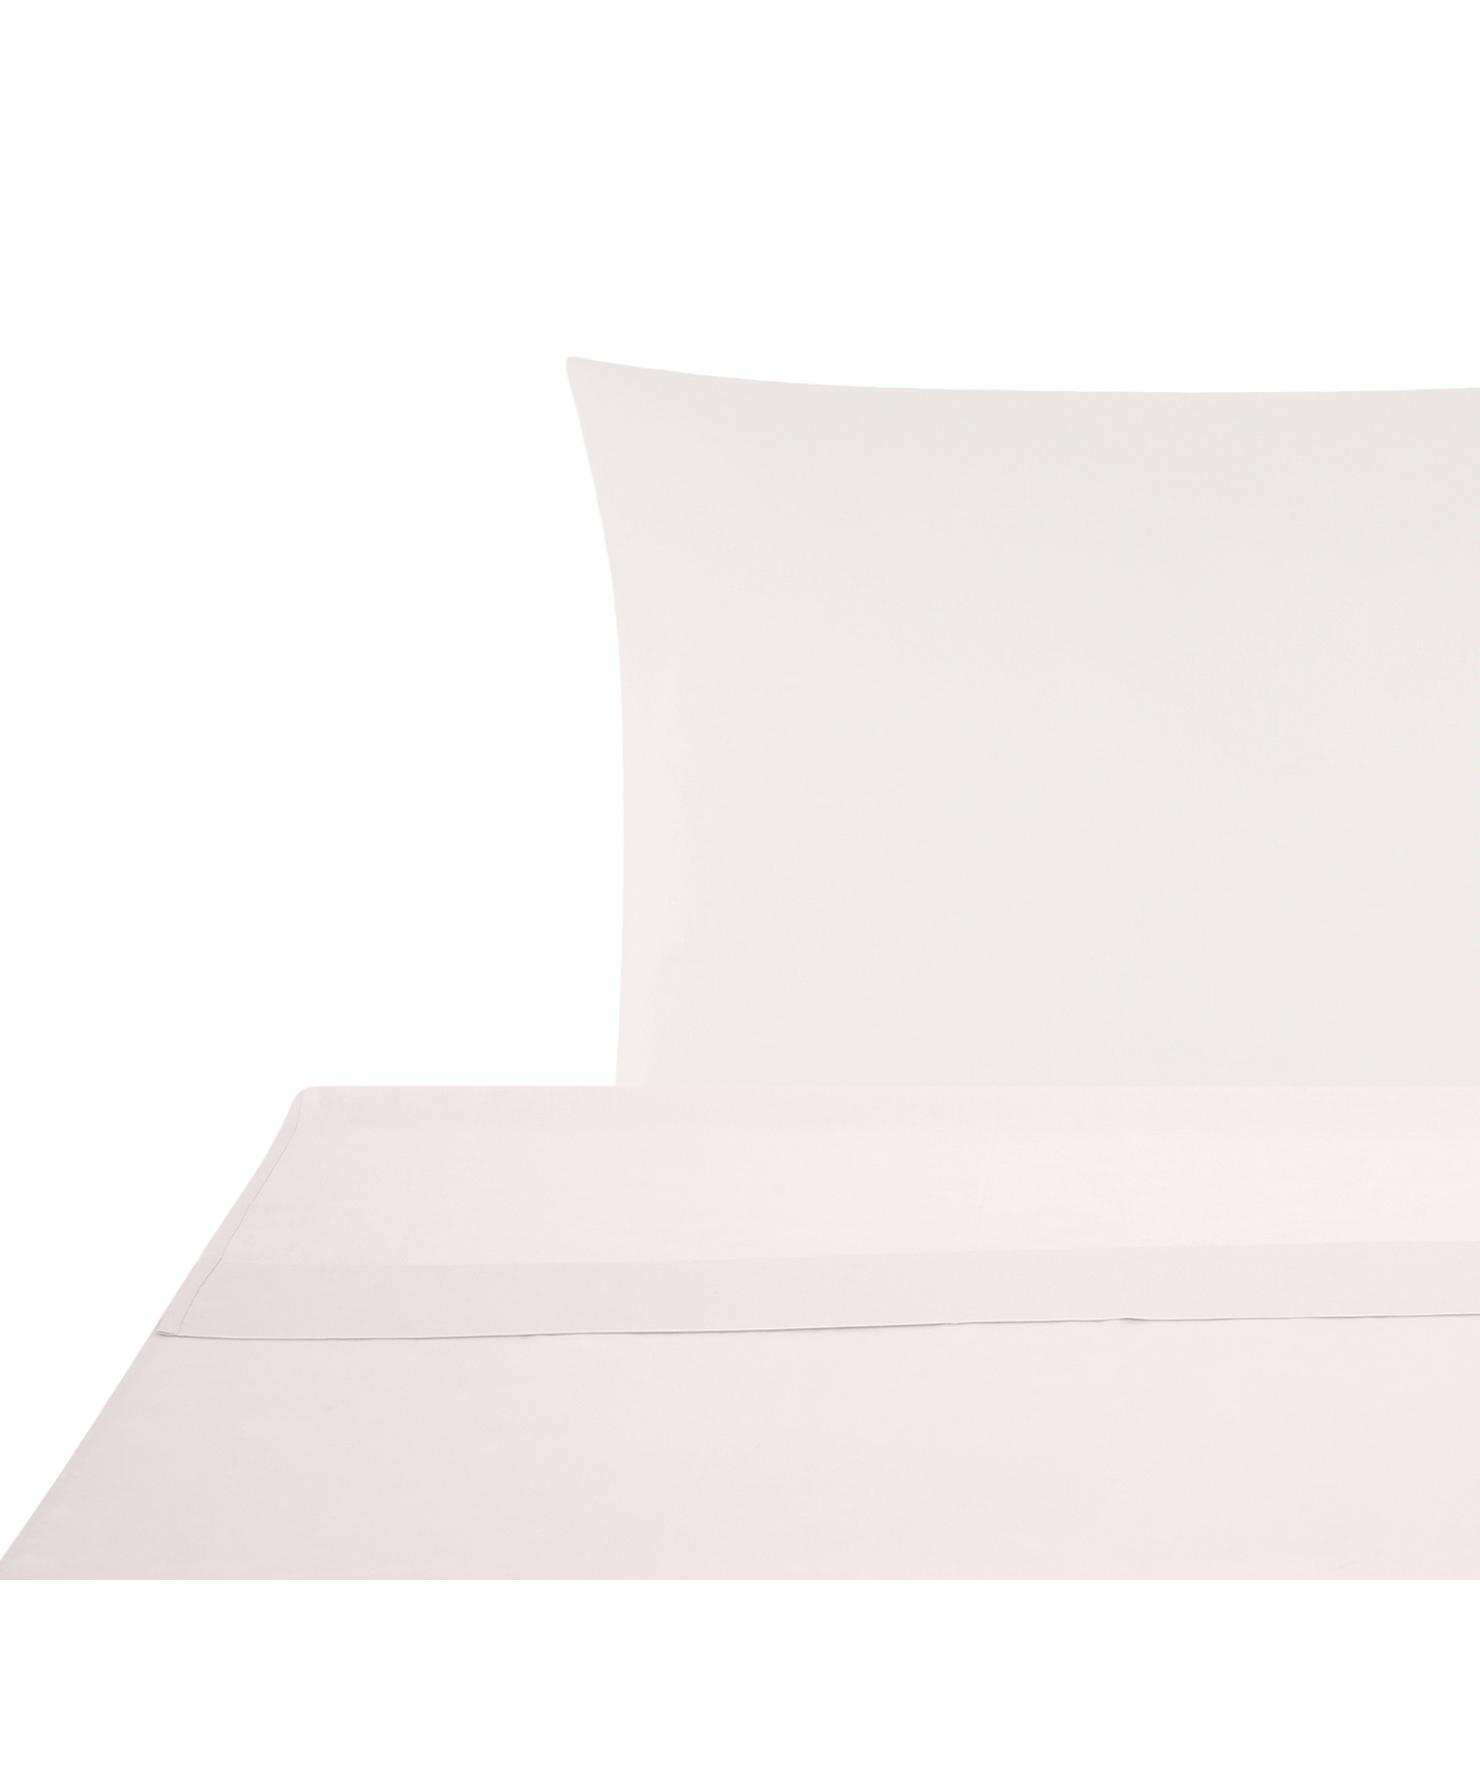 Set lenzuola in raso di cotone Comfort 2 pz, Tessuto: raso Densità del filo 250, Rosa, 150 x 300 cm